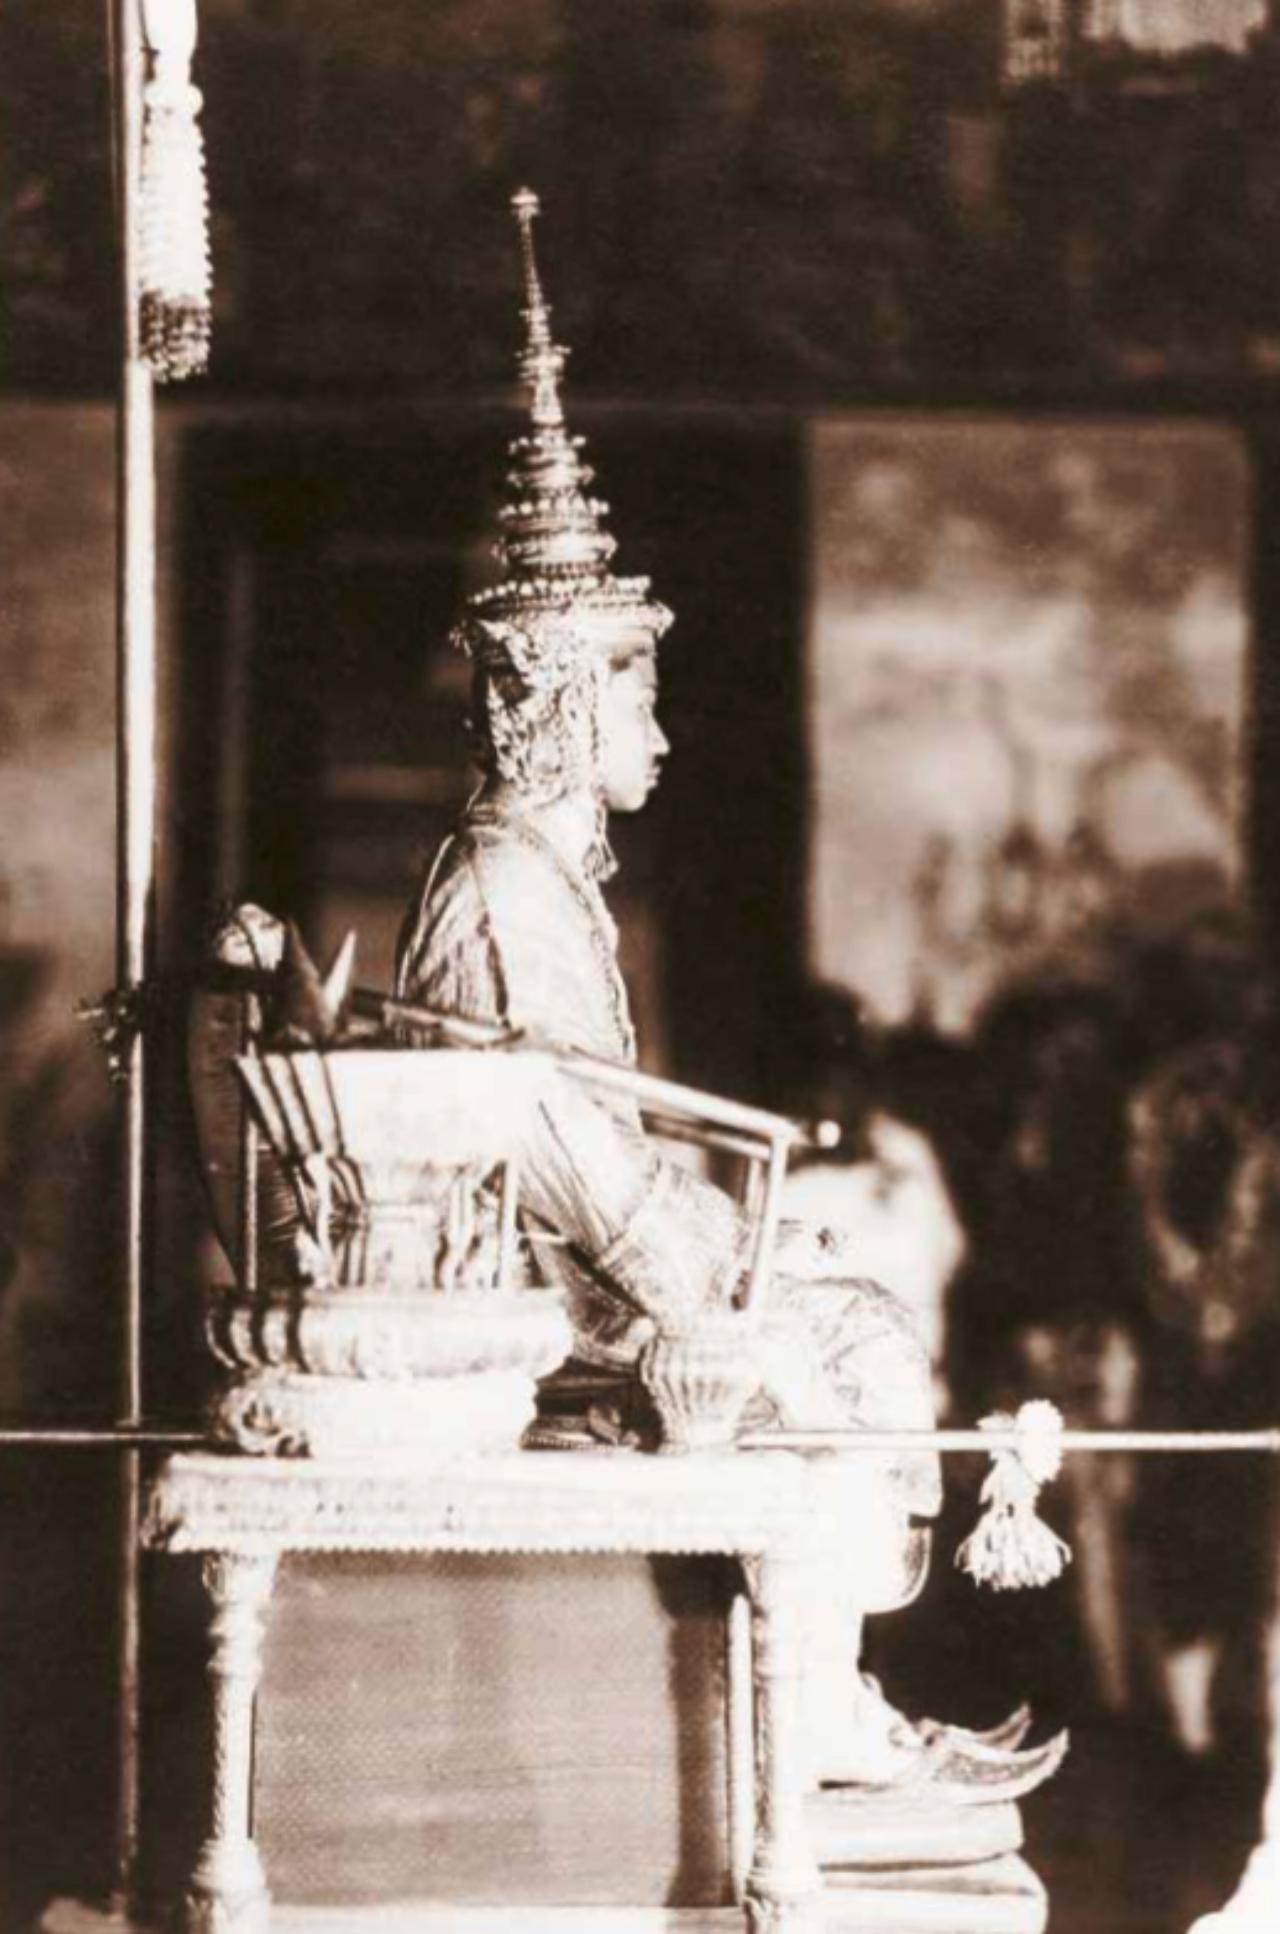 พระบาทสมเด็จพระปกเกล้าเจ้าอยู่หัว ประทับพระที่นั่งภัทรบิฐ ณ พระที่นั่งไพศาลทักษิณทรงรับเครื่องราชกกุธภัณฑ์ เครื่องบรมราชาภรณ์ และเครื่องพระราชอิสริยยศในพระราชพิธีบรมราชาภิเษกเมื่อ 24 กุมภาพันธ์ 2468